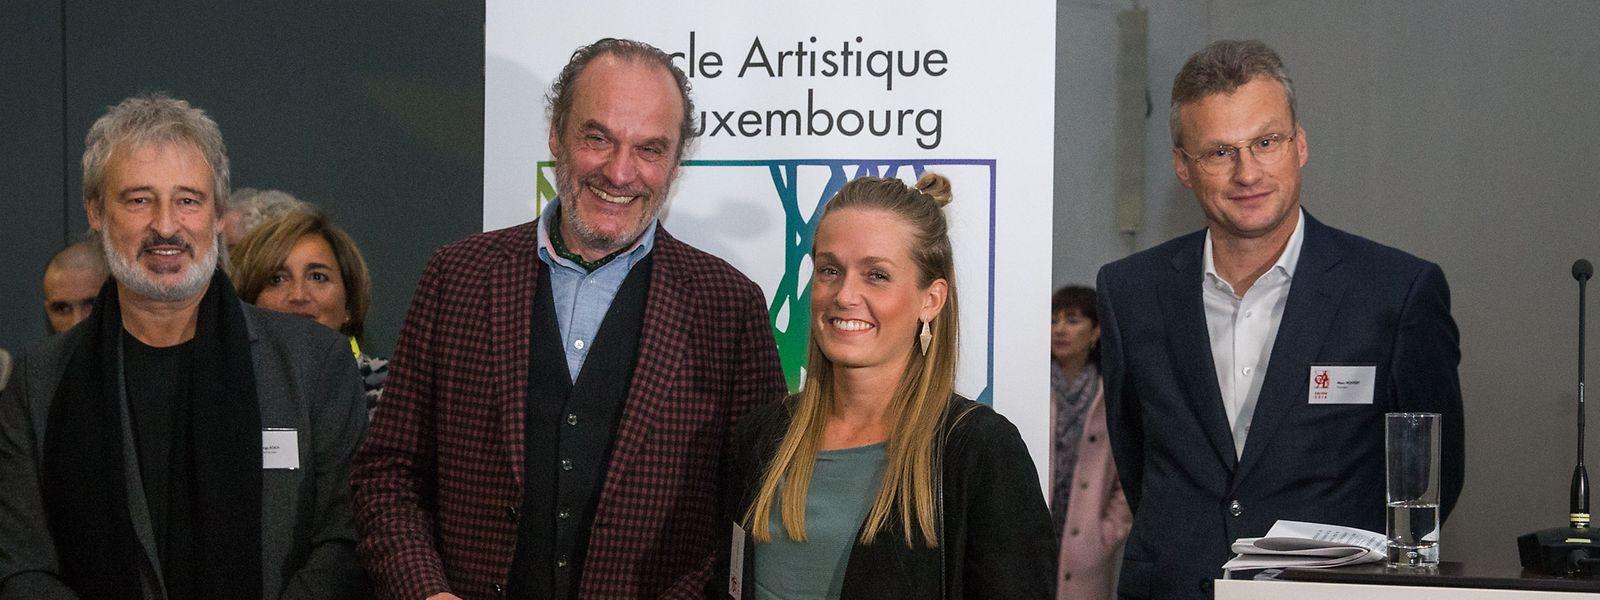 Die diesjährigen Preisträger Roland Schauls (2.v.l.) und Sandra Lieners (2.v.r.).